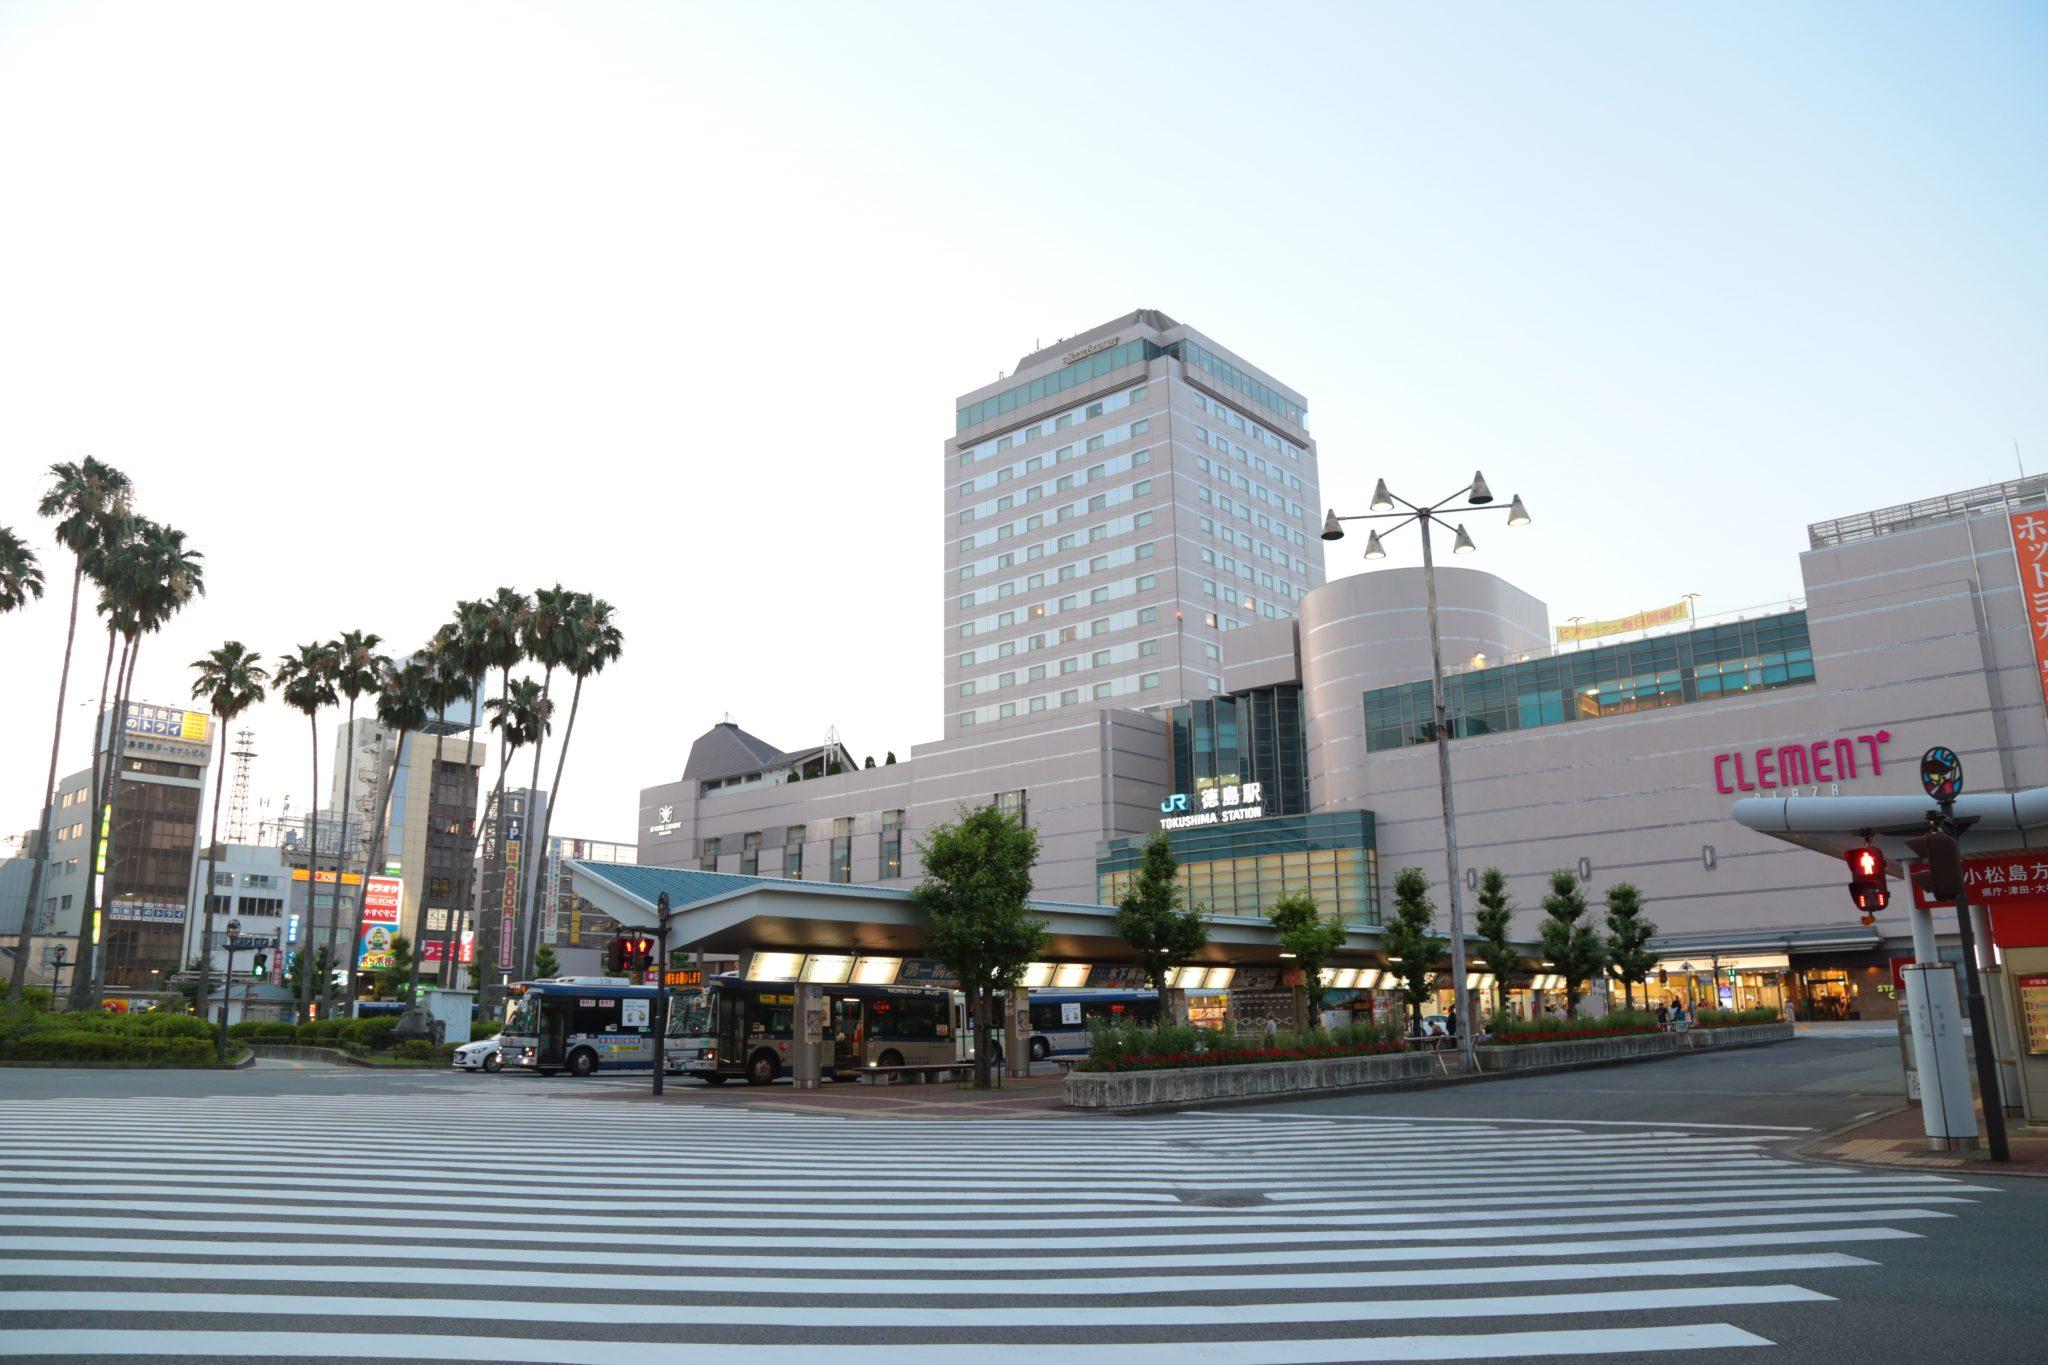 《徳島駅周辺/グルメ・パトロール》飲食店が集中する、魅惑の路地(とくさん~チュチュチュロスカフェ編)